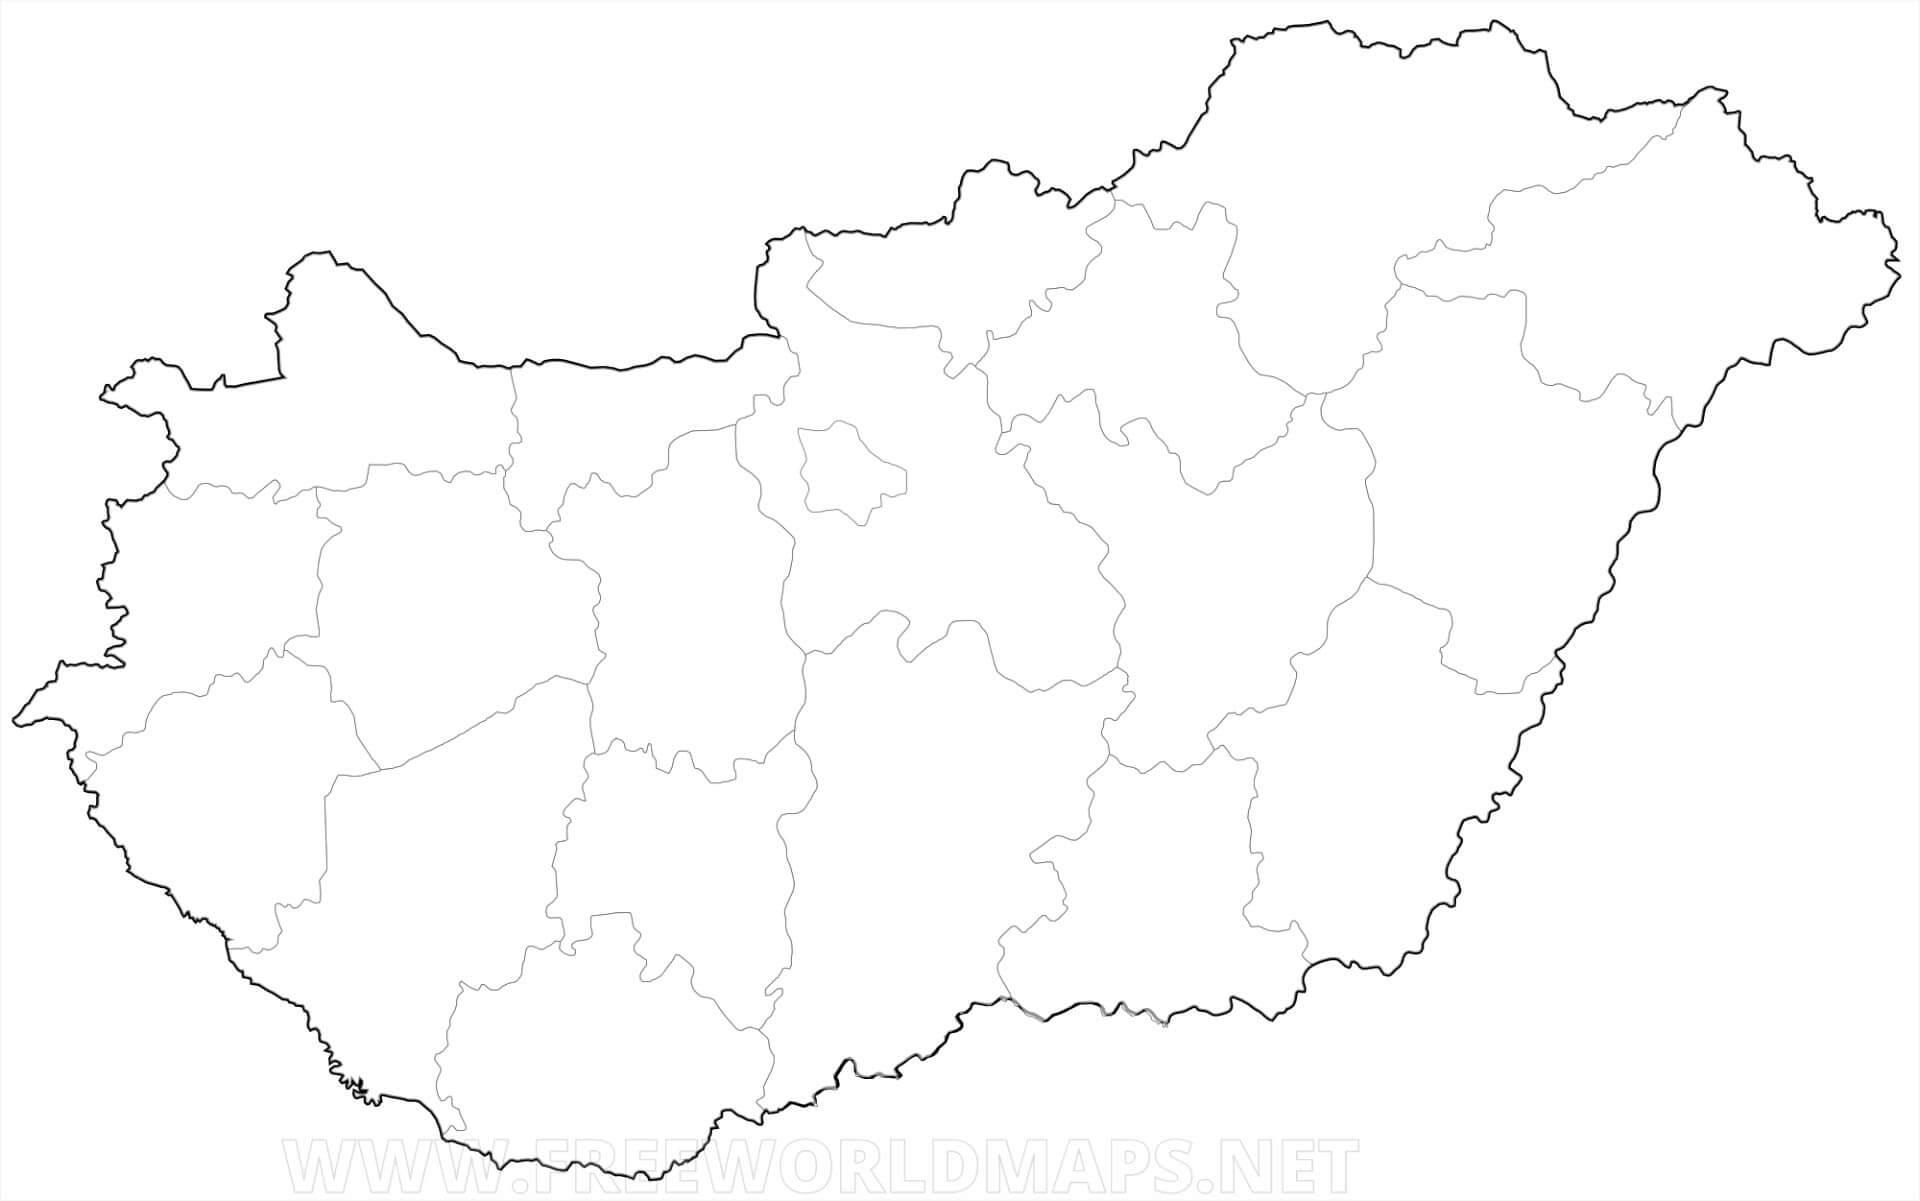 mapa de hungr u00eda